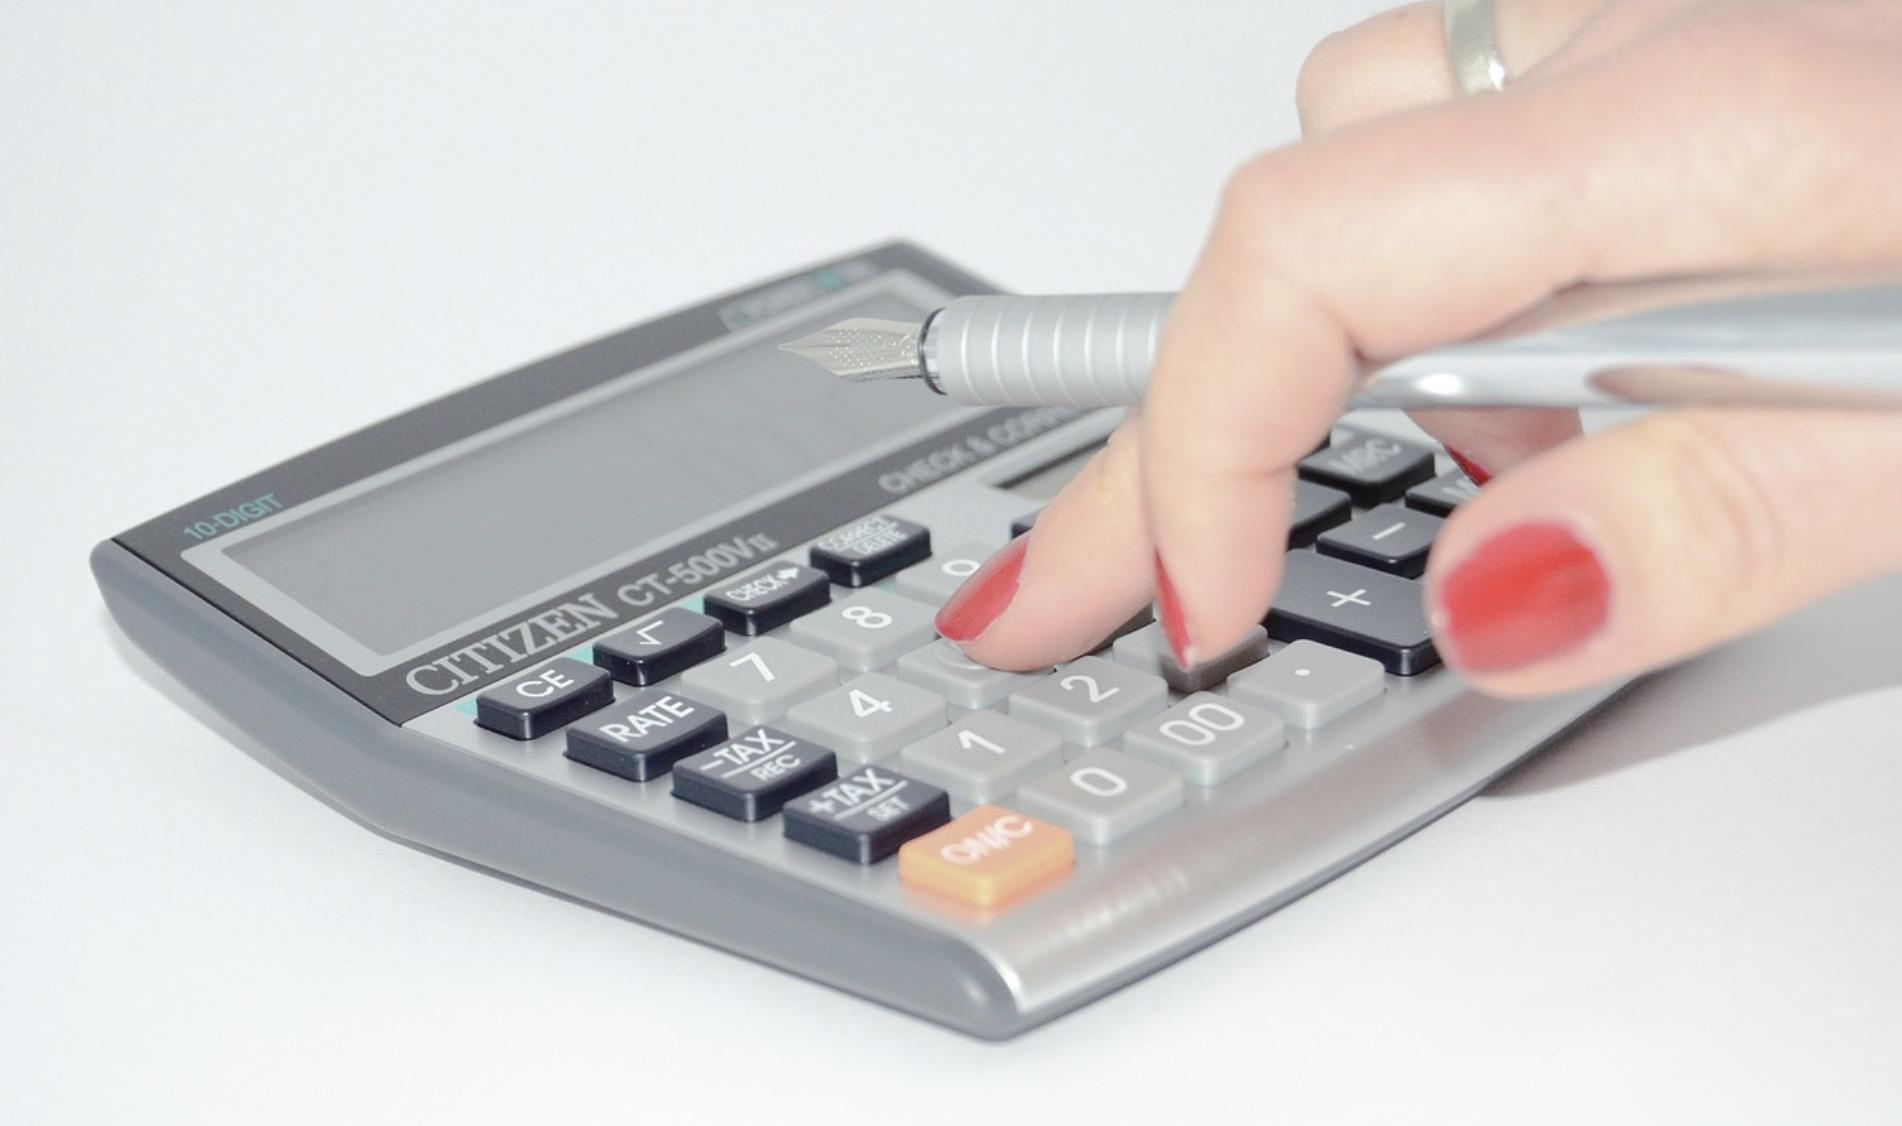 査定額を上げる方法